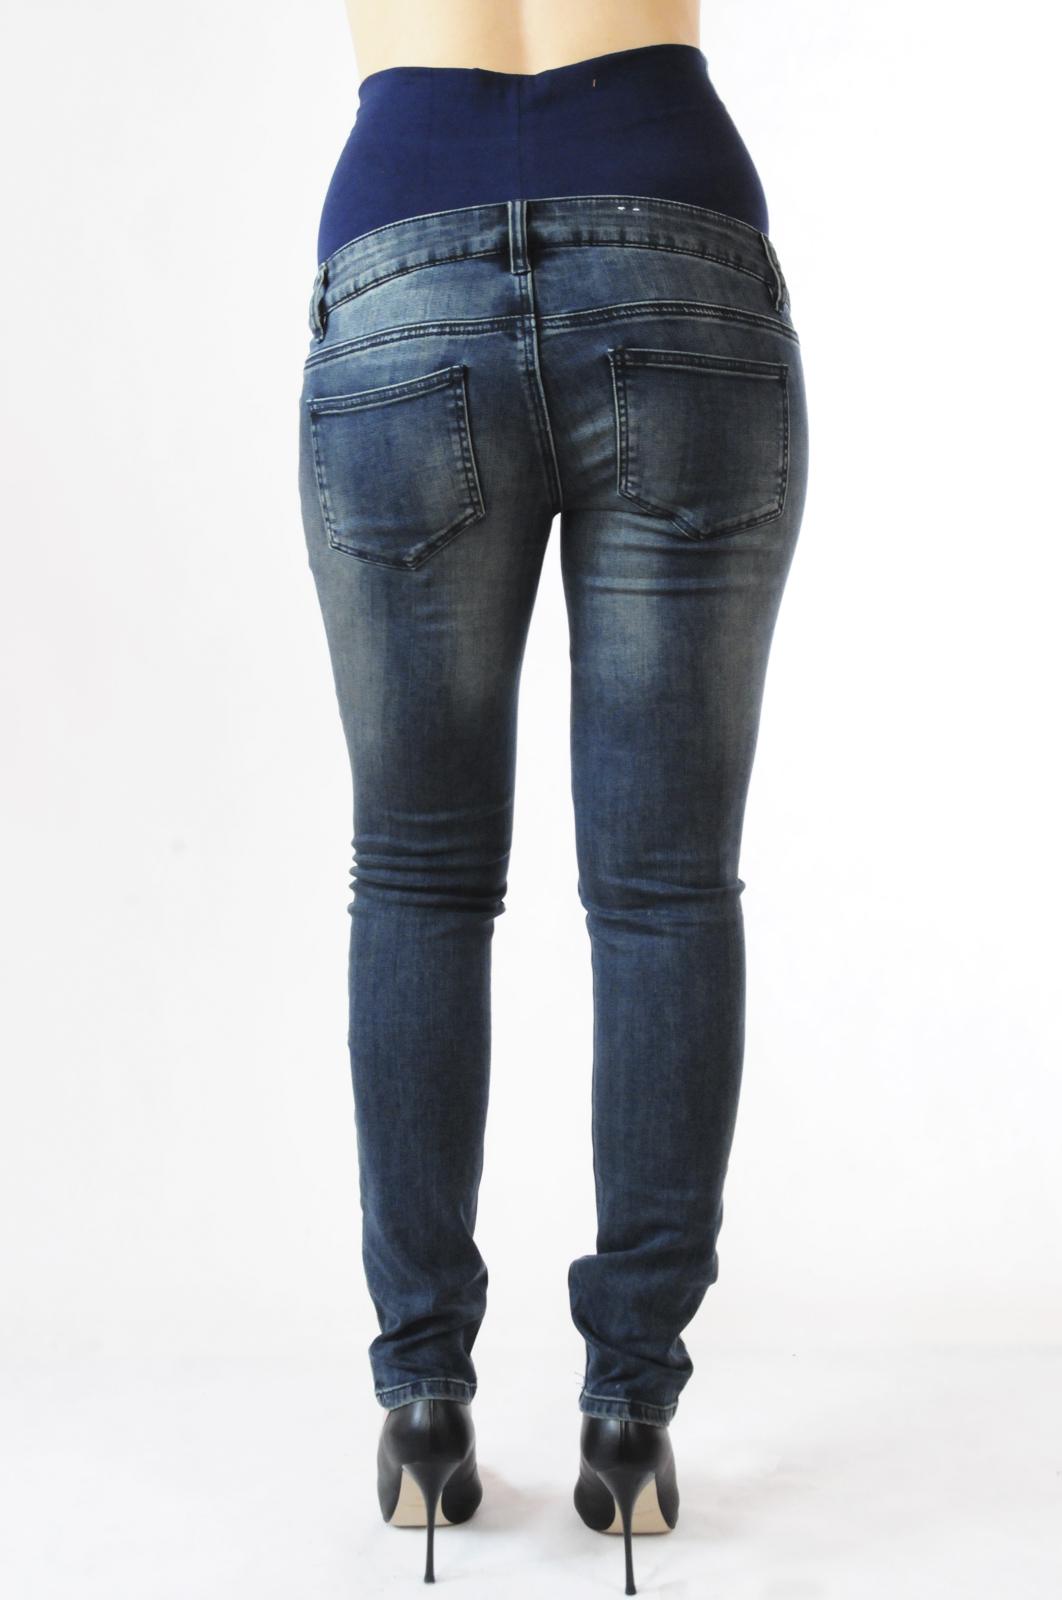 Стильные джинсы для беременных. Оставайся красивой всегда!